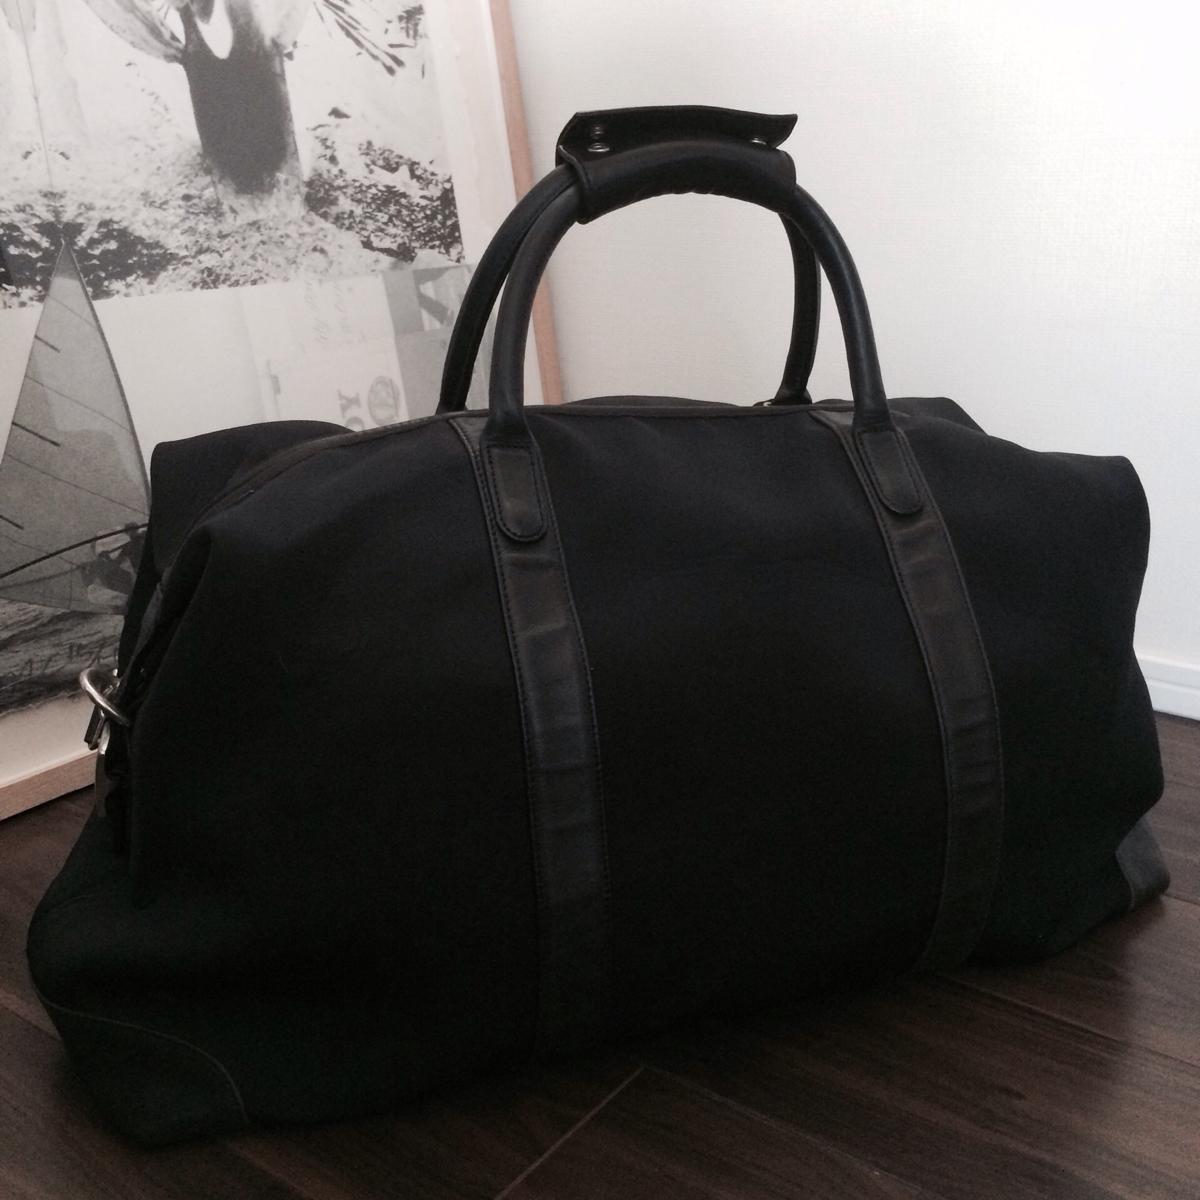 【正規品】COACH コーチ メンズ 2WAYボストンバッグ 旅行鞄 ショルダー ハンド 1000円~ 最落なし!!_画像2